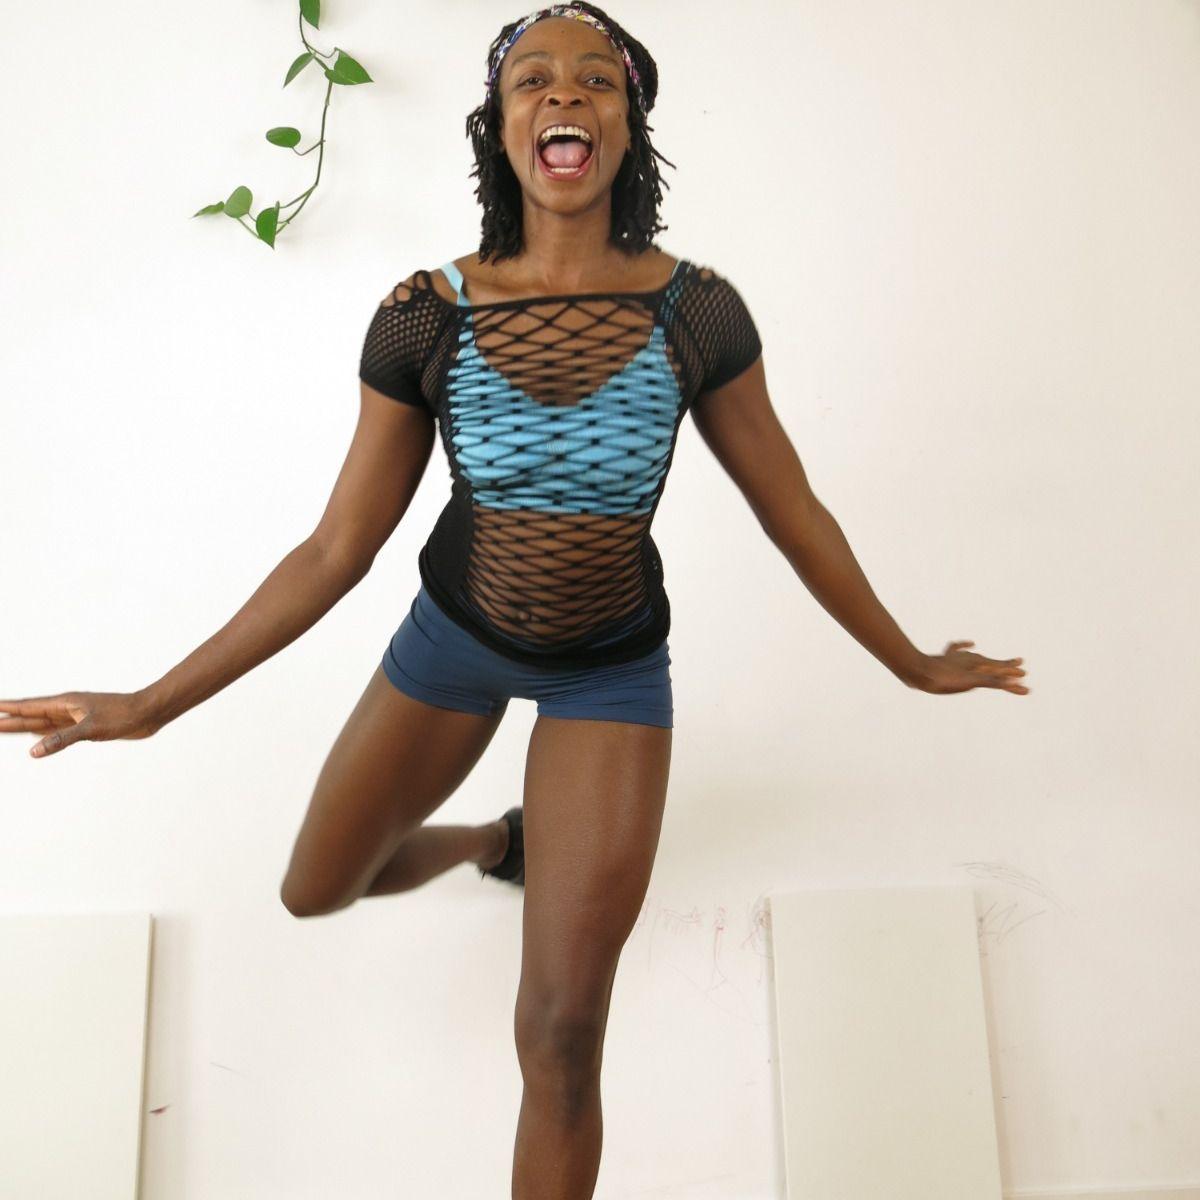 Danza, alegria y pasión